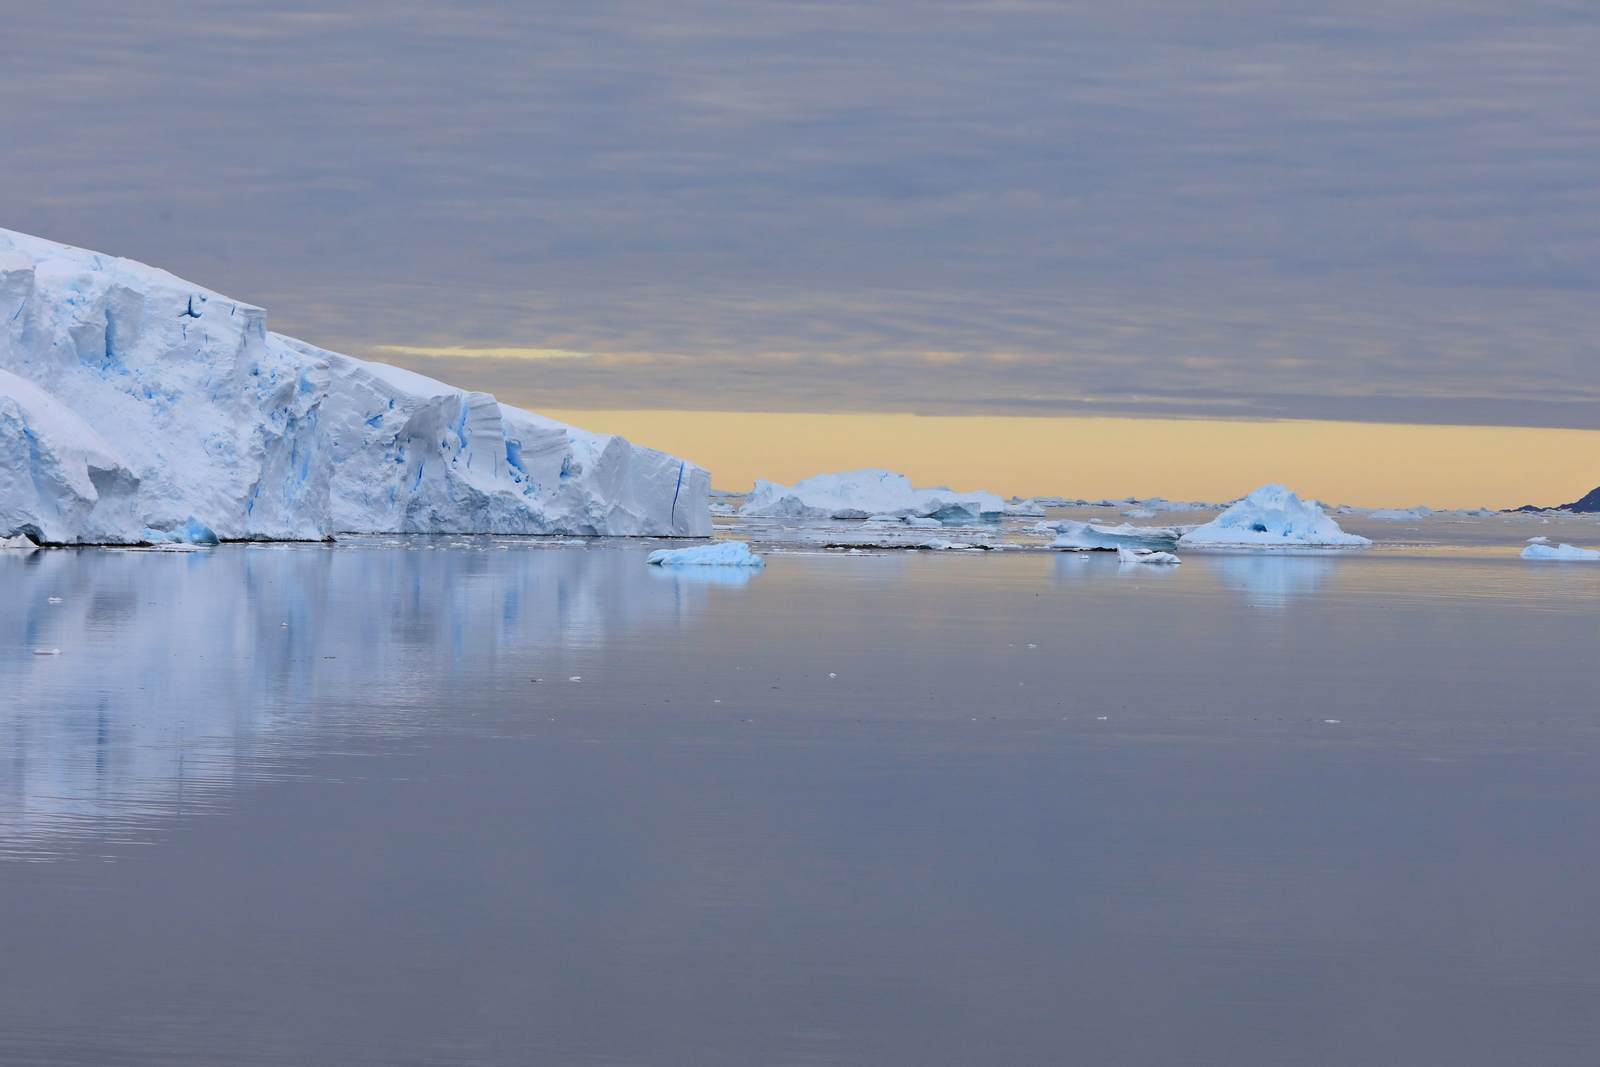 1702_Antarctique_03981_c_sm.jpg